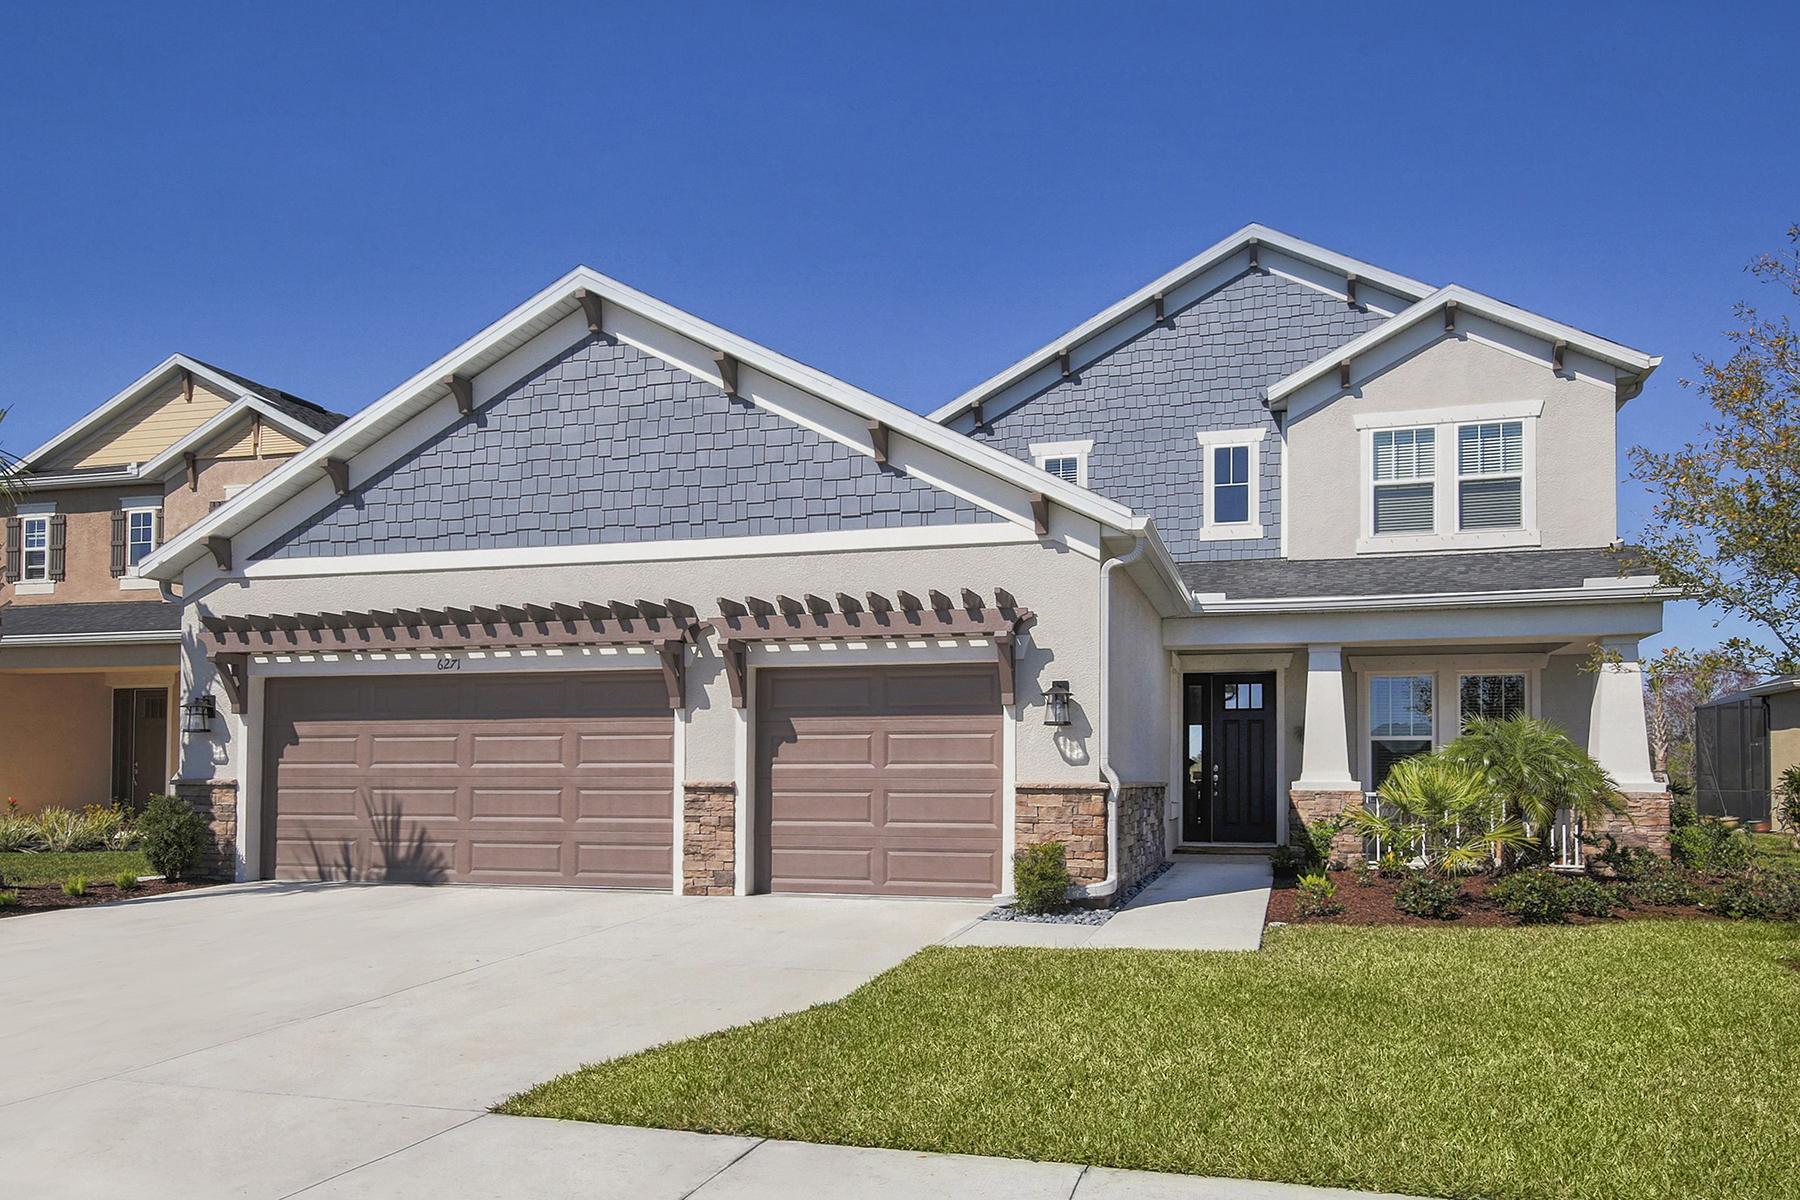 단독 가정 주택 용 매매 에 ARBOR LAKES 6271 Anise Dr Sarasota, 플로리다, 34238 미국